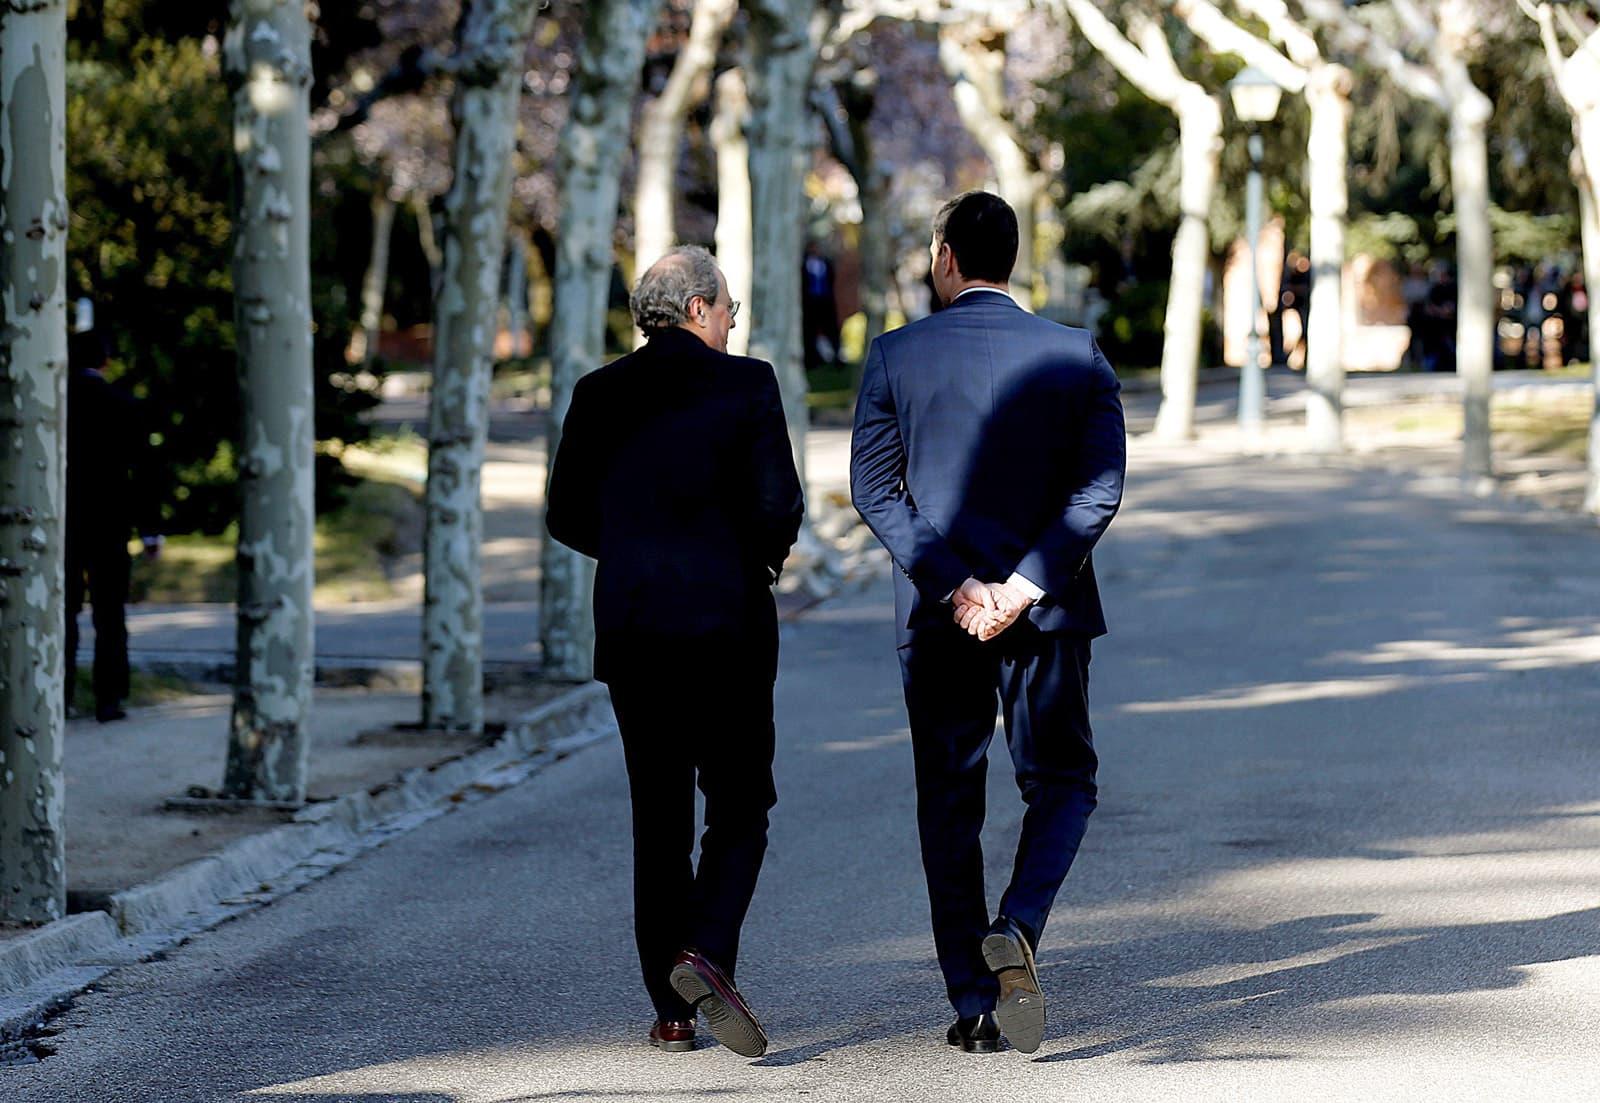 Pedro Sánchez rep a la Moncloa a Quim Torra el 26 de febrer. Fotografia de Kiko Huesca/Efe